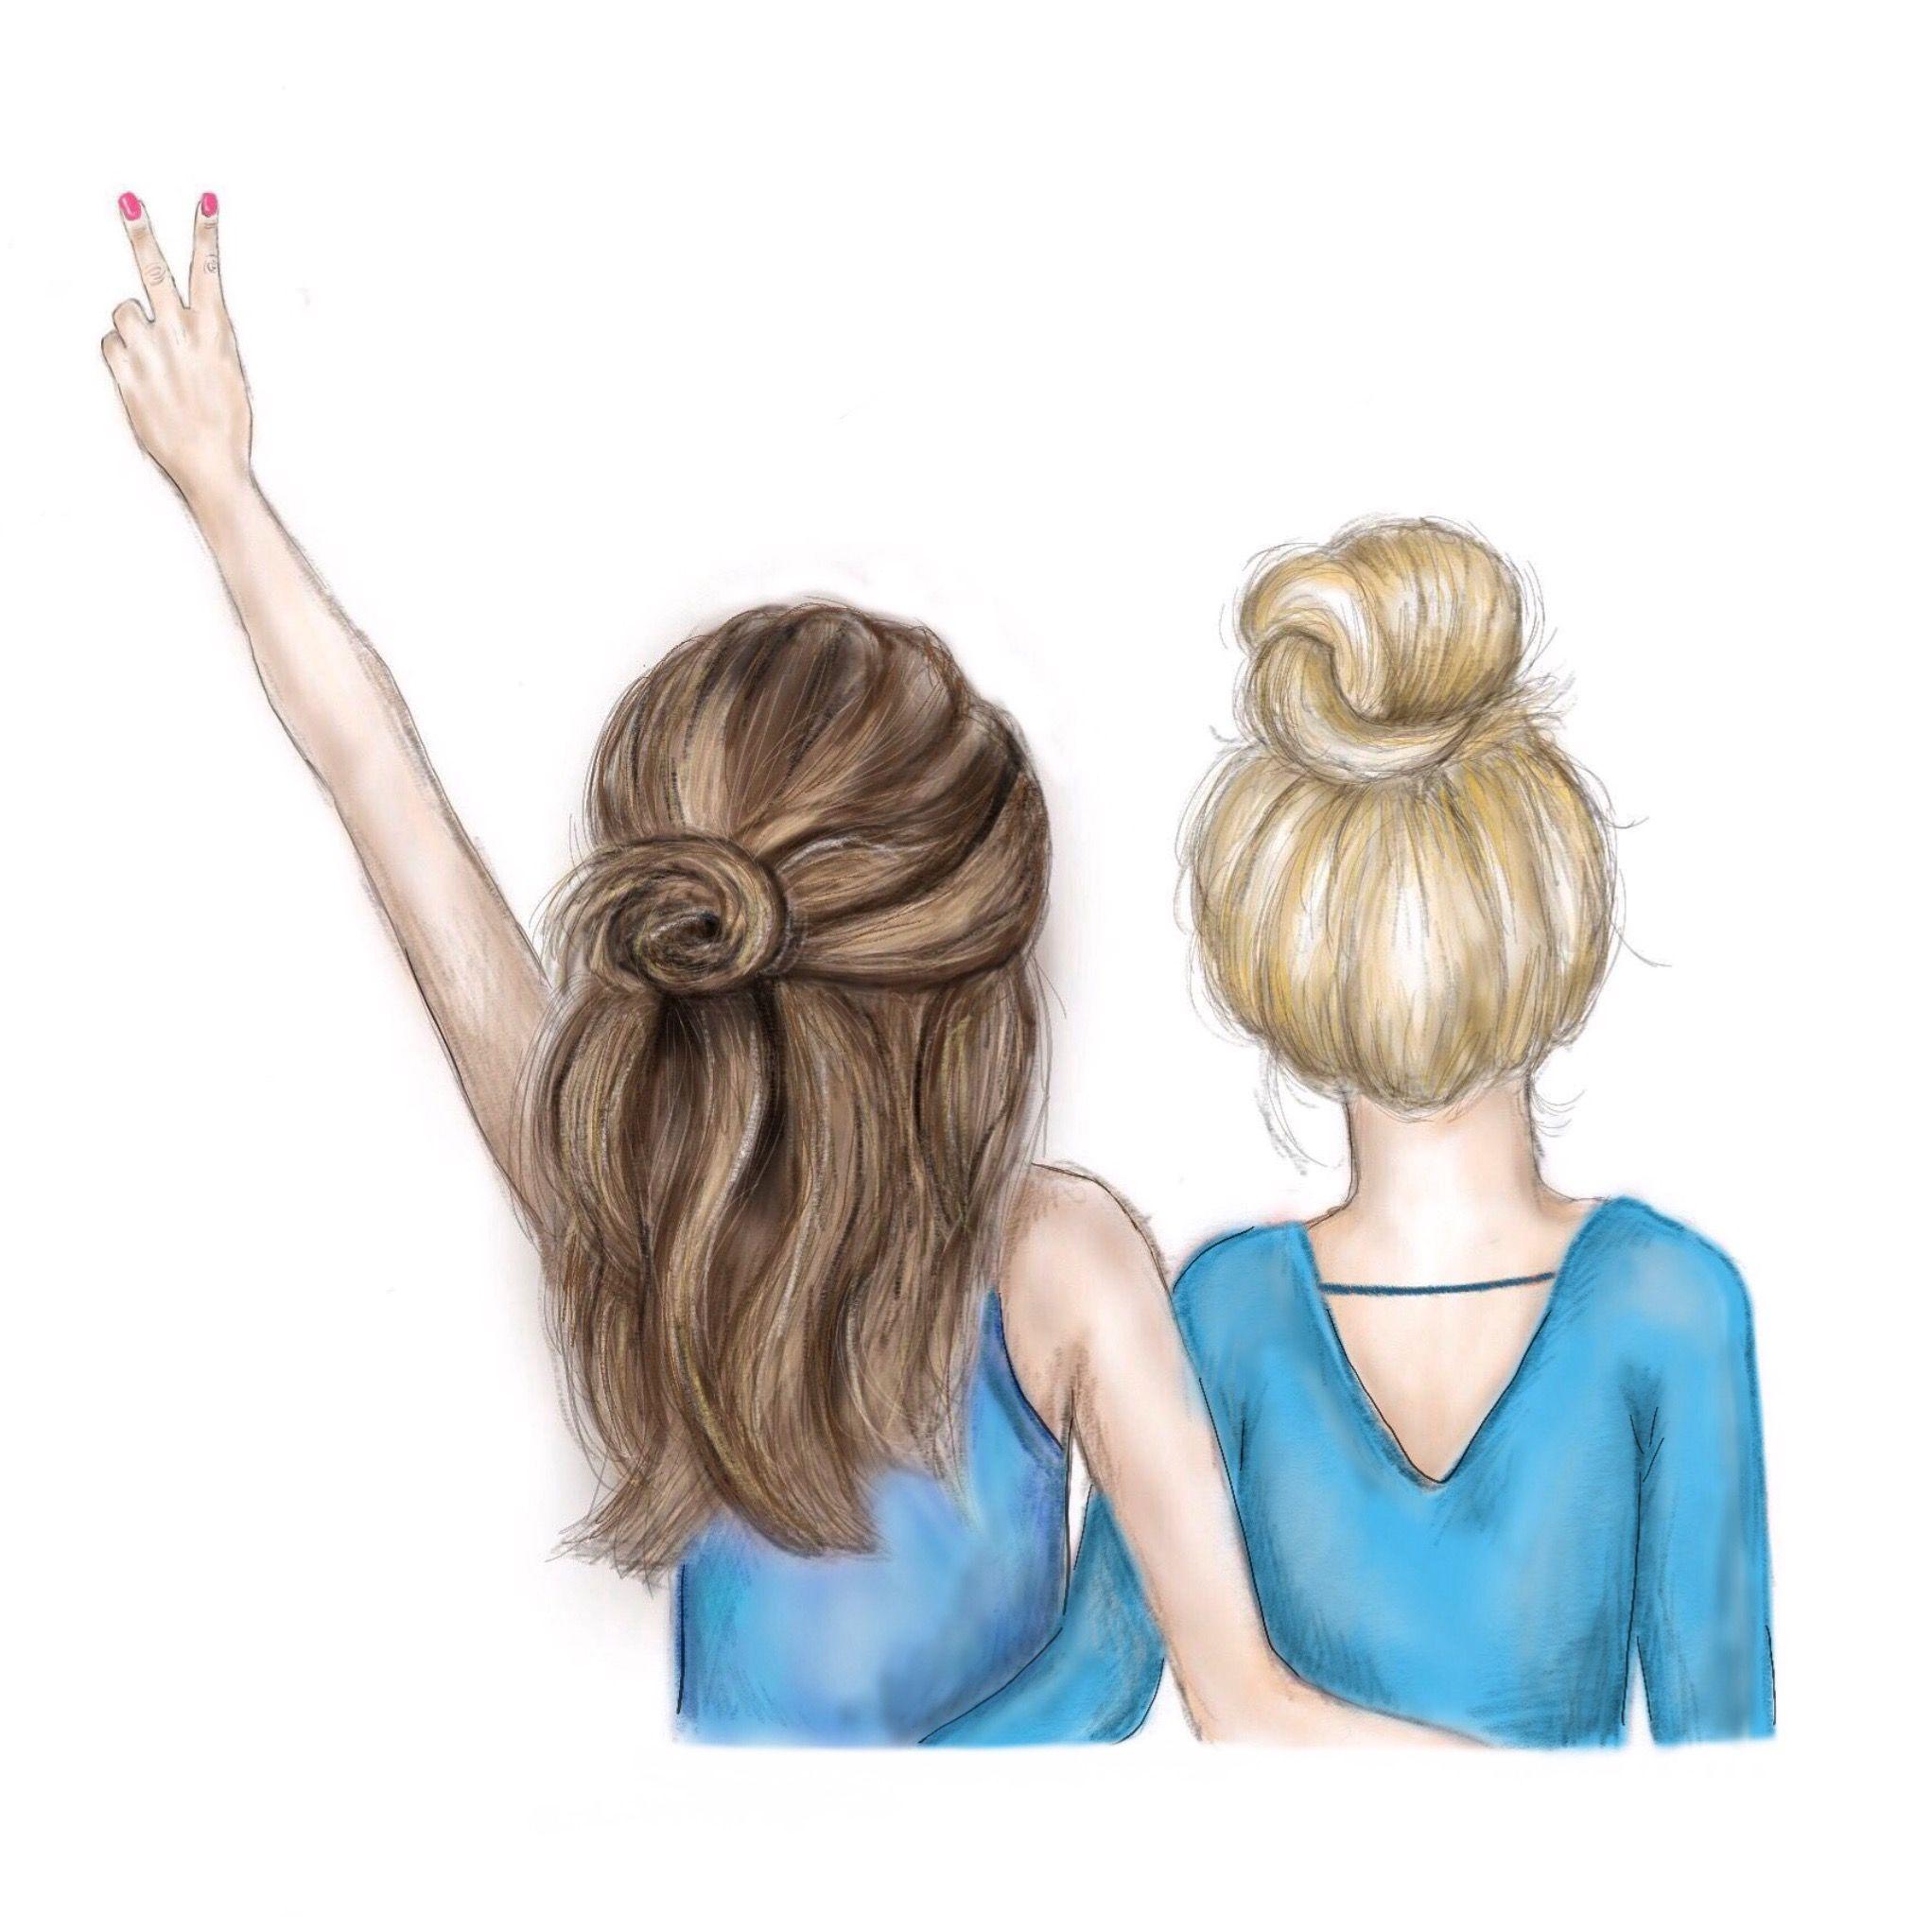 Pin By Meriem Ammar On Drawings Drawings Of Friends Friends Sketch Best Friend Drawings